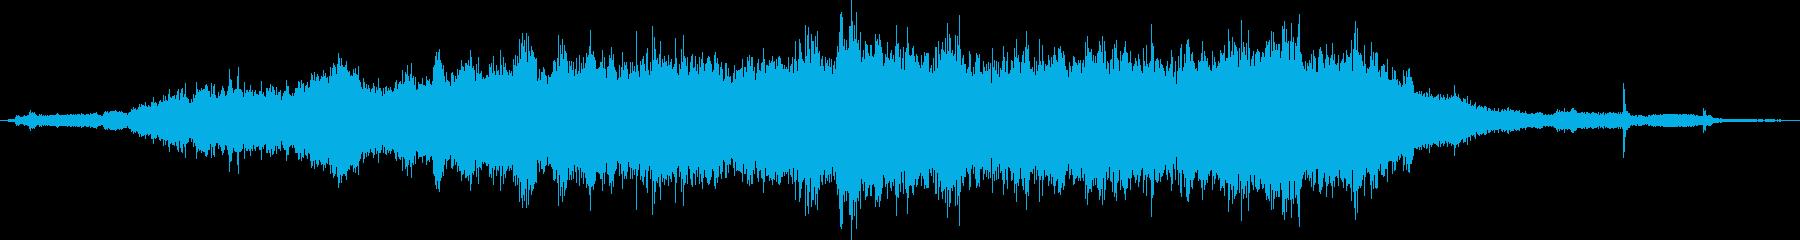 16フィートディーゼルボックストラ...の再生済みの波形